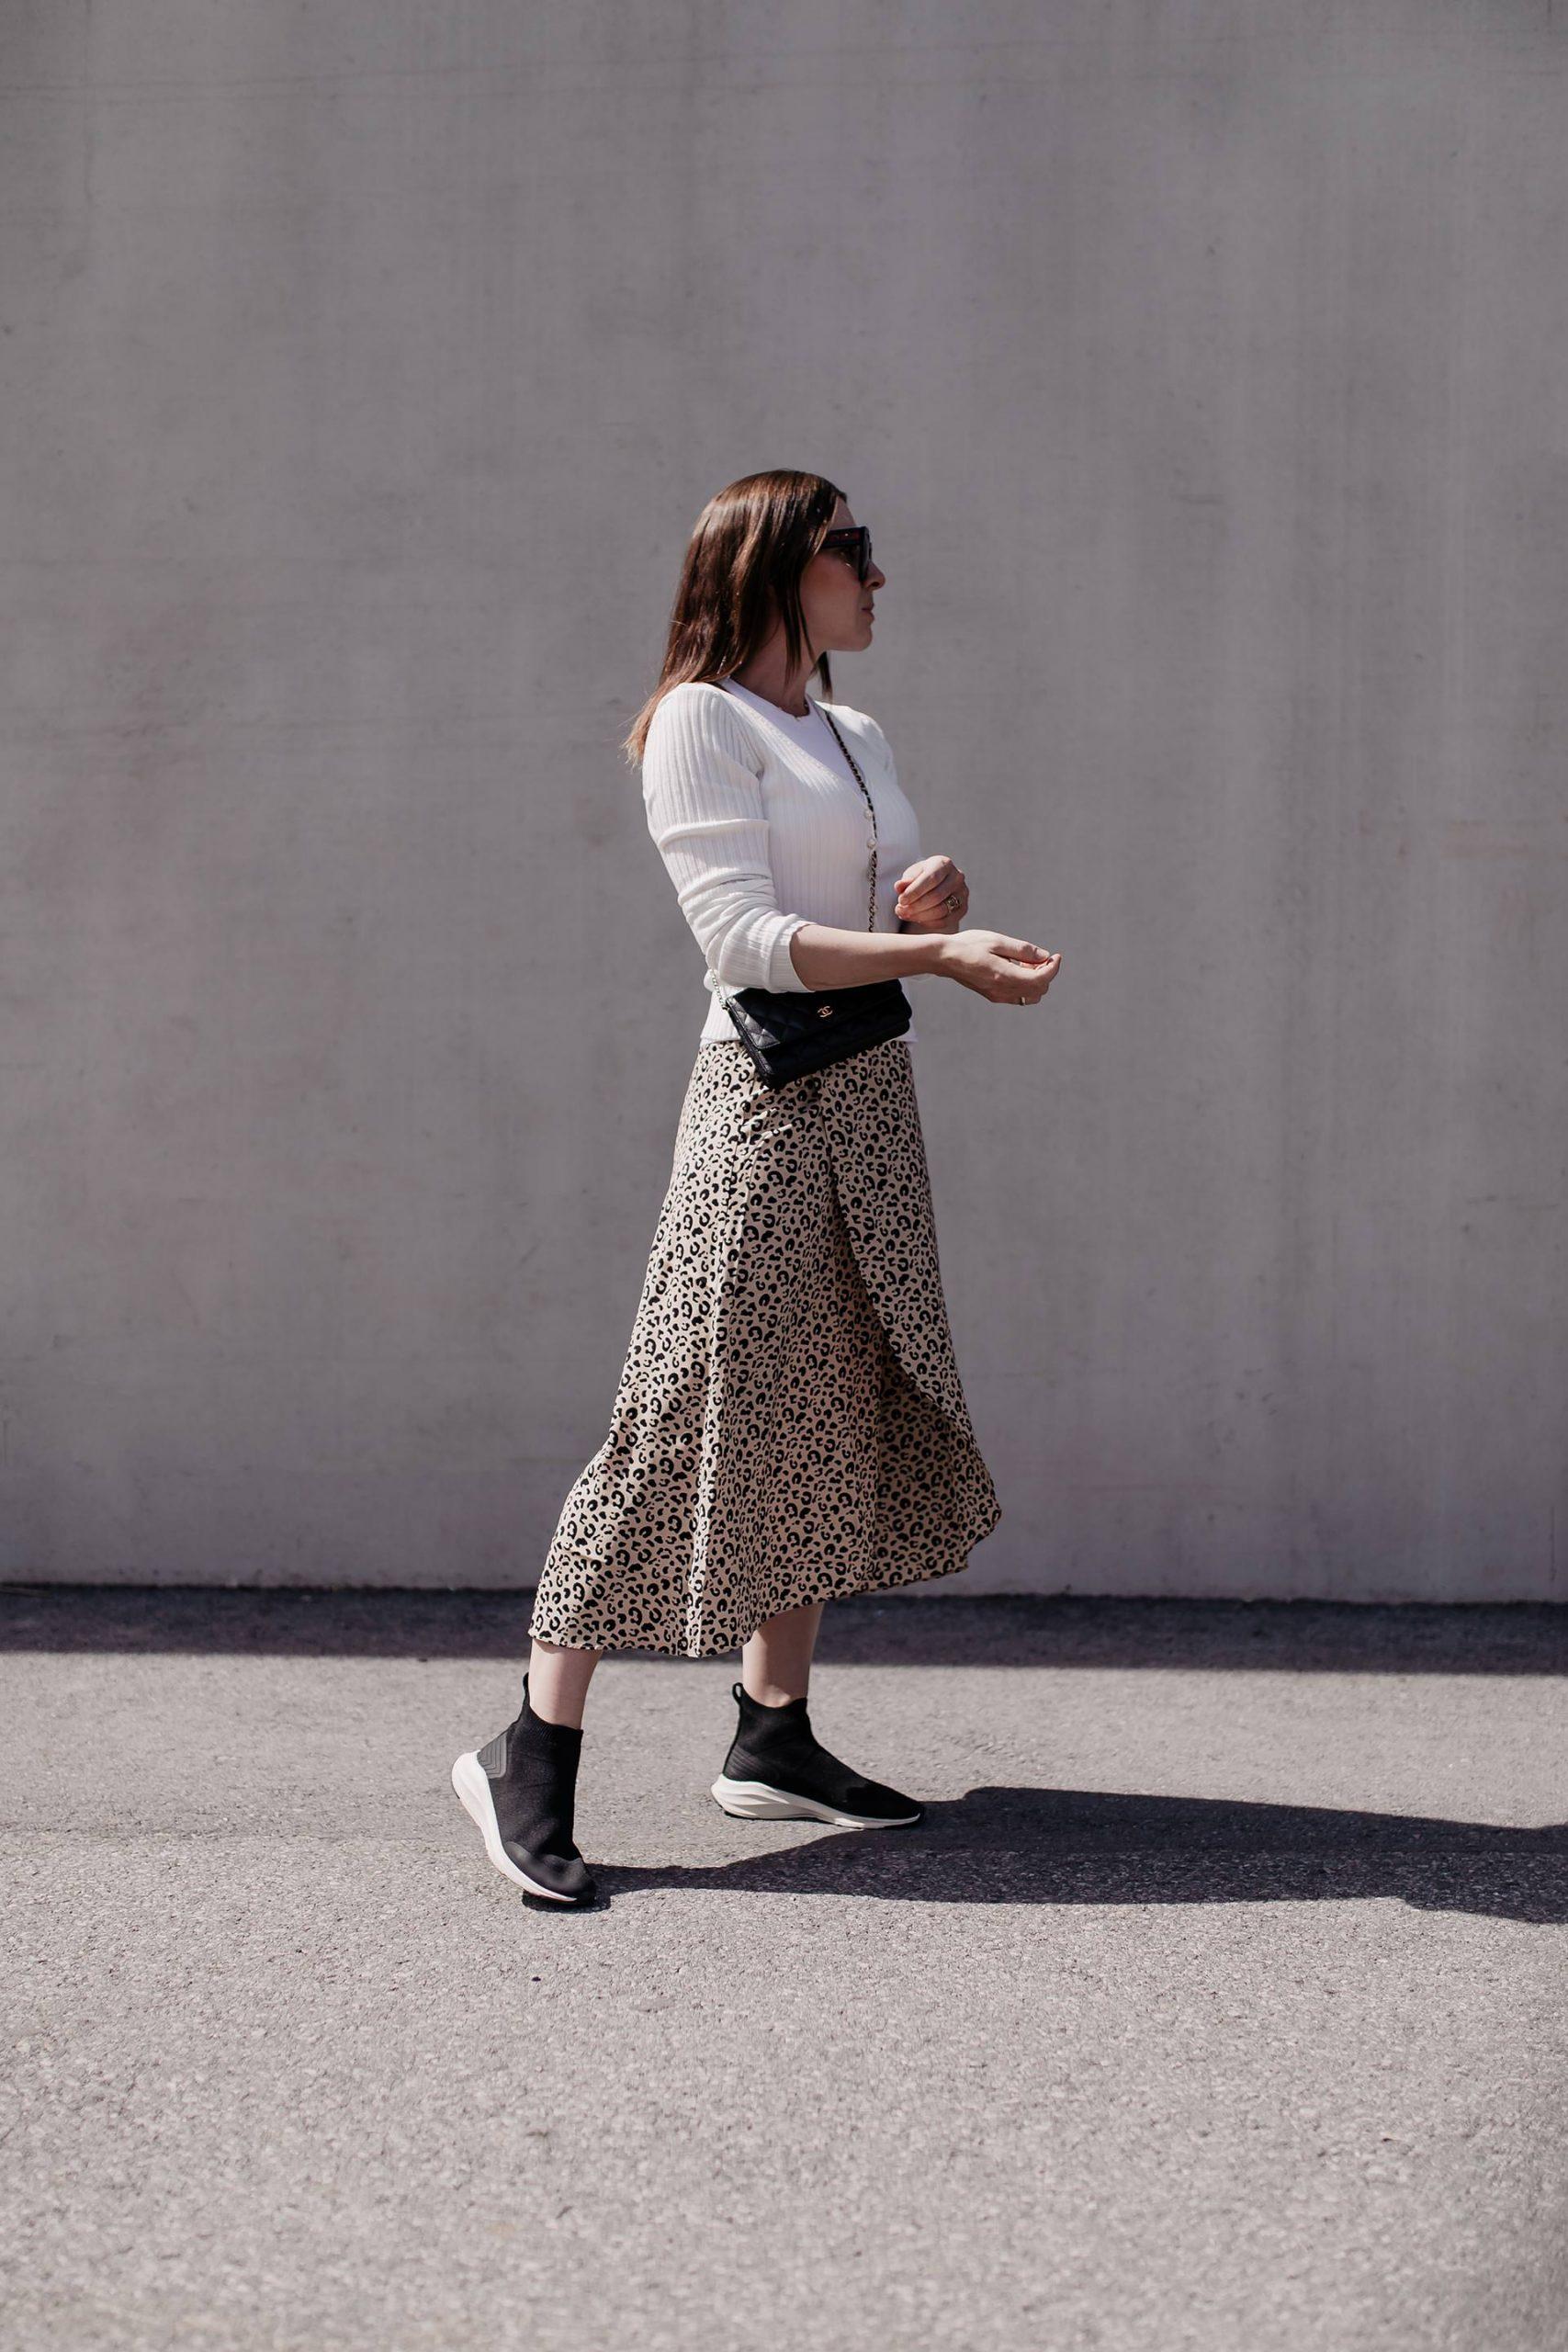 Midirock und Sneakers – eine tolle Power-Kombi für Frühling und Frühsommer! Am Modeblog gibt es die passenden Styling- und Outfit-Tipps! www.whoismocca.com